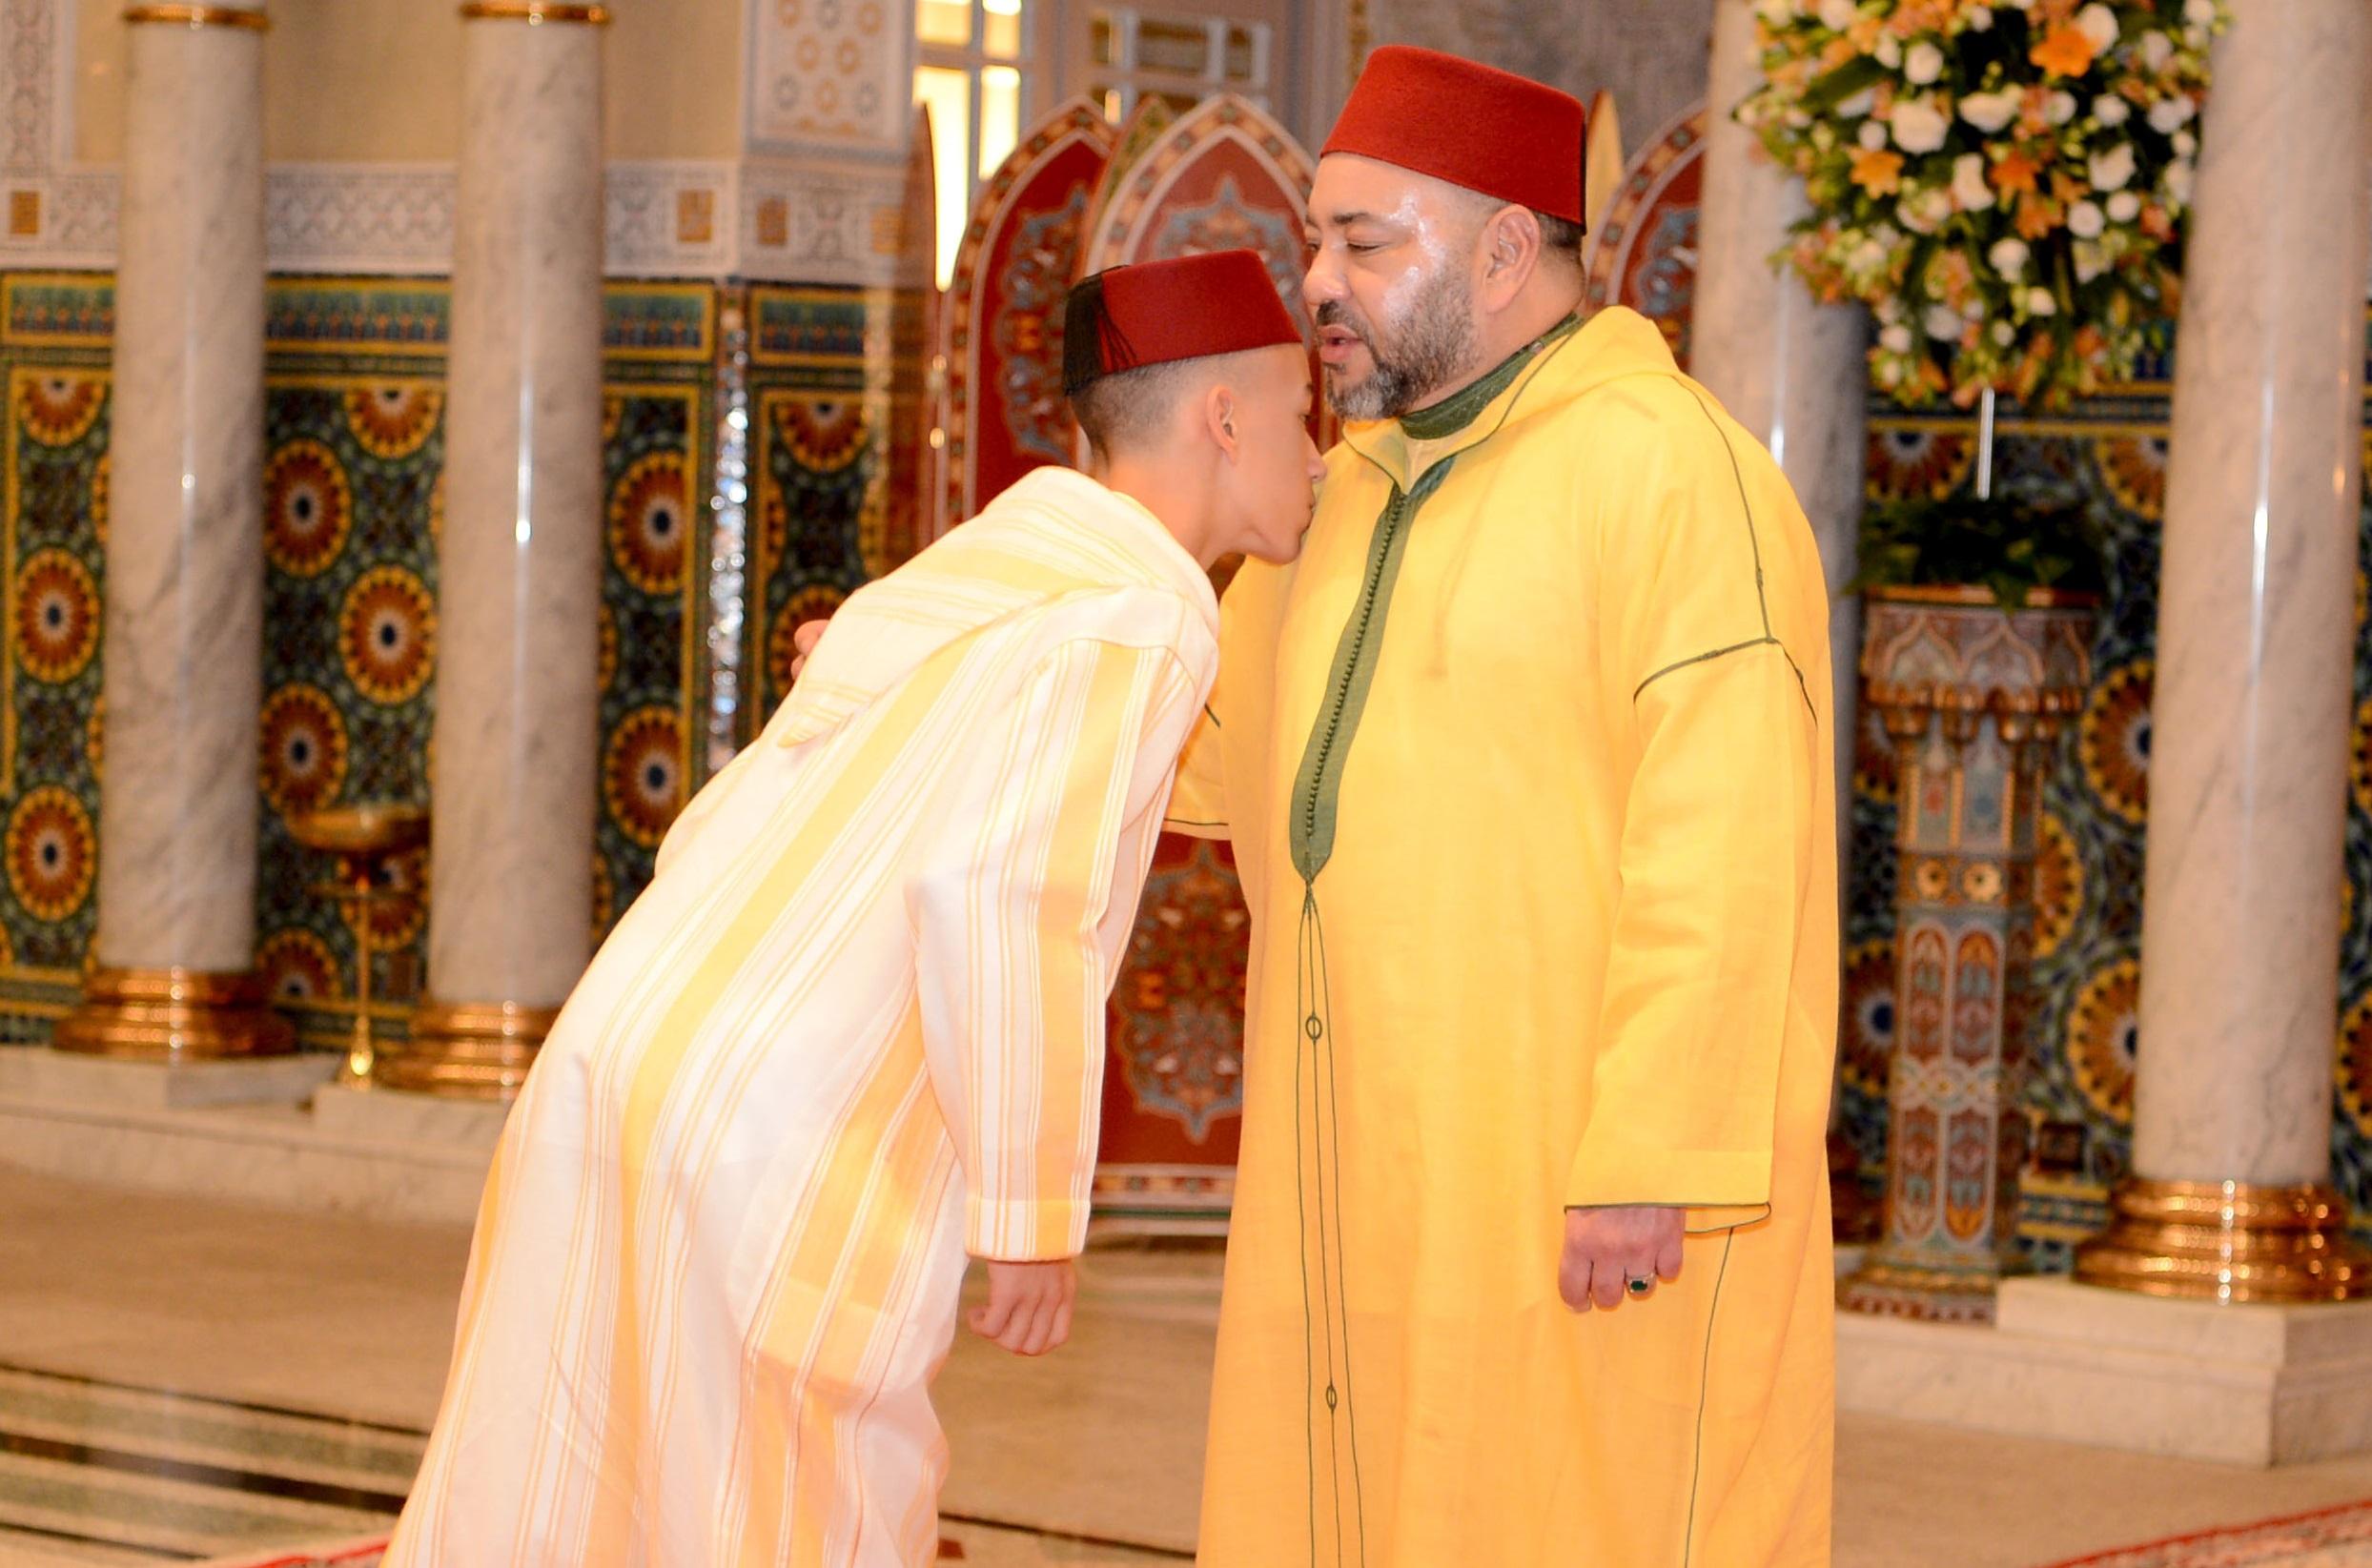 الملك محمد السادس يؤدي صلاة عيد الفطر  ويتقبل التهاني بهذه المناسبة السعيدة